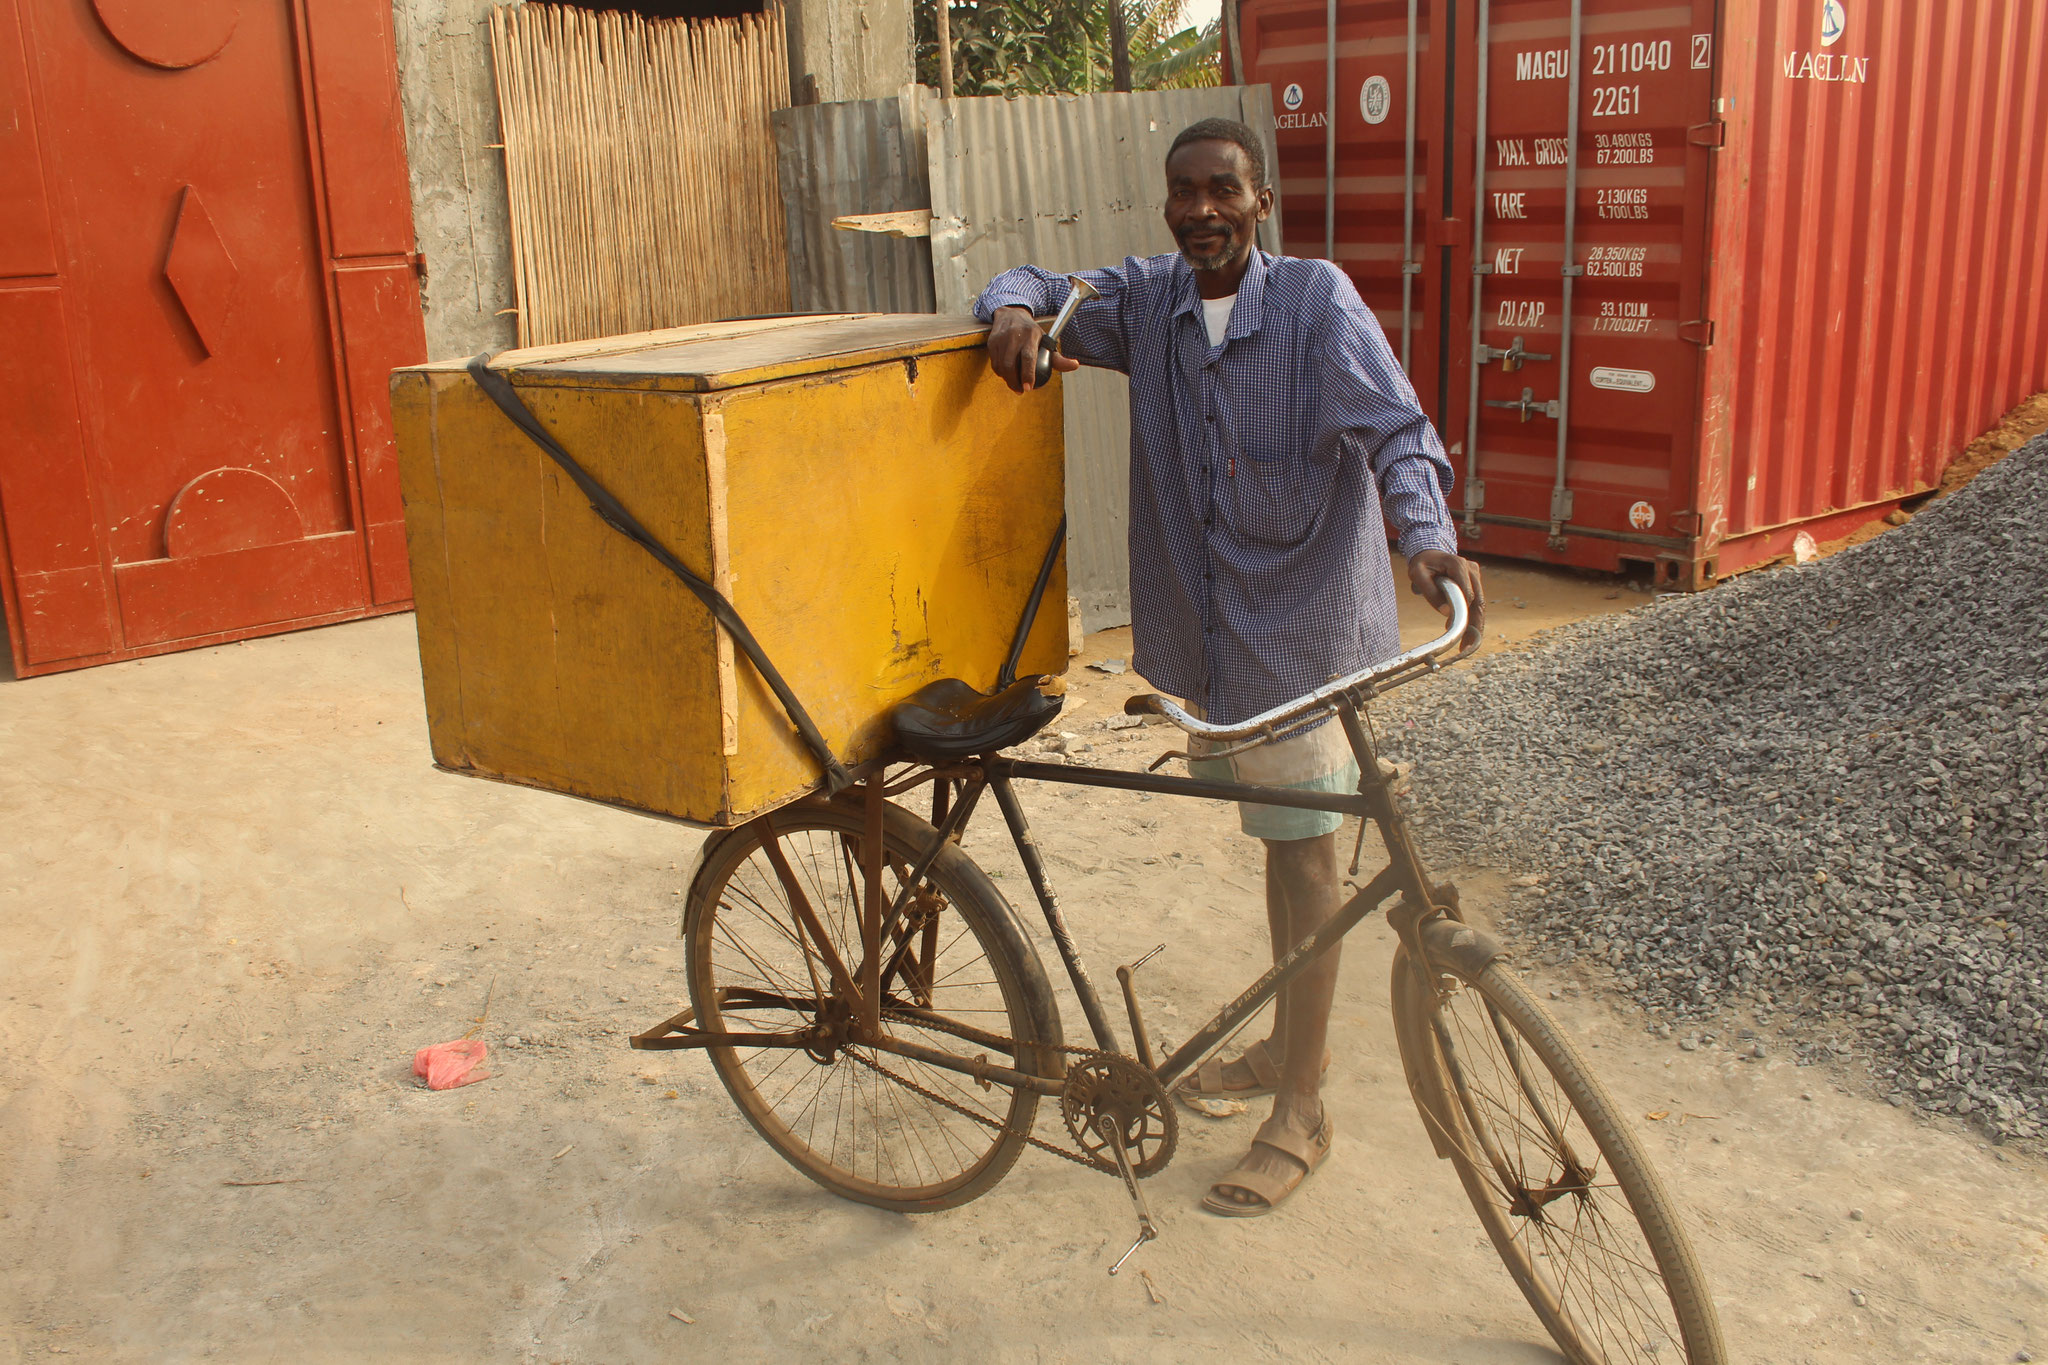 Er kaufte sich aber ein Billigfahrrad aus China. In der Kiste hat er bis zu 200 Baguets.